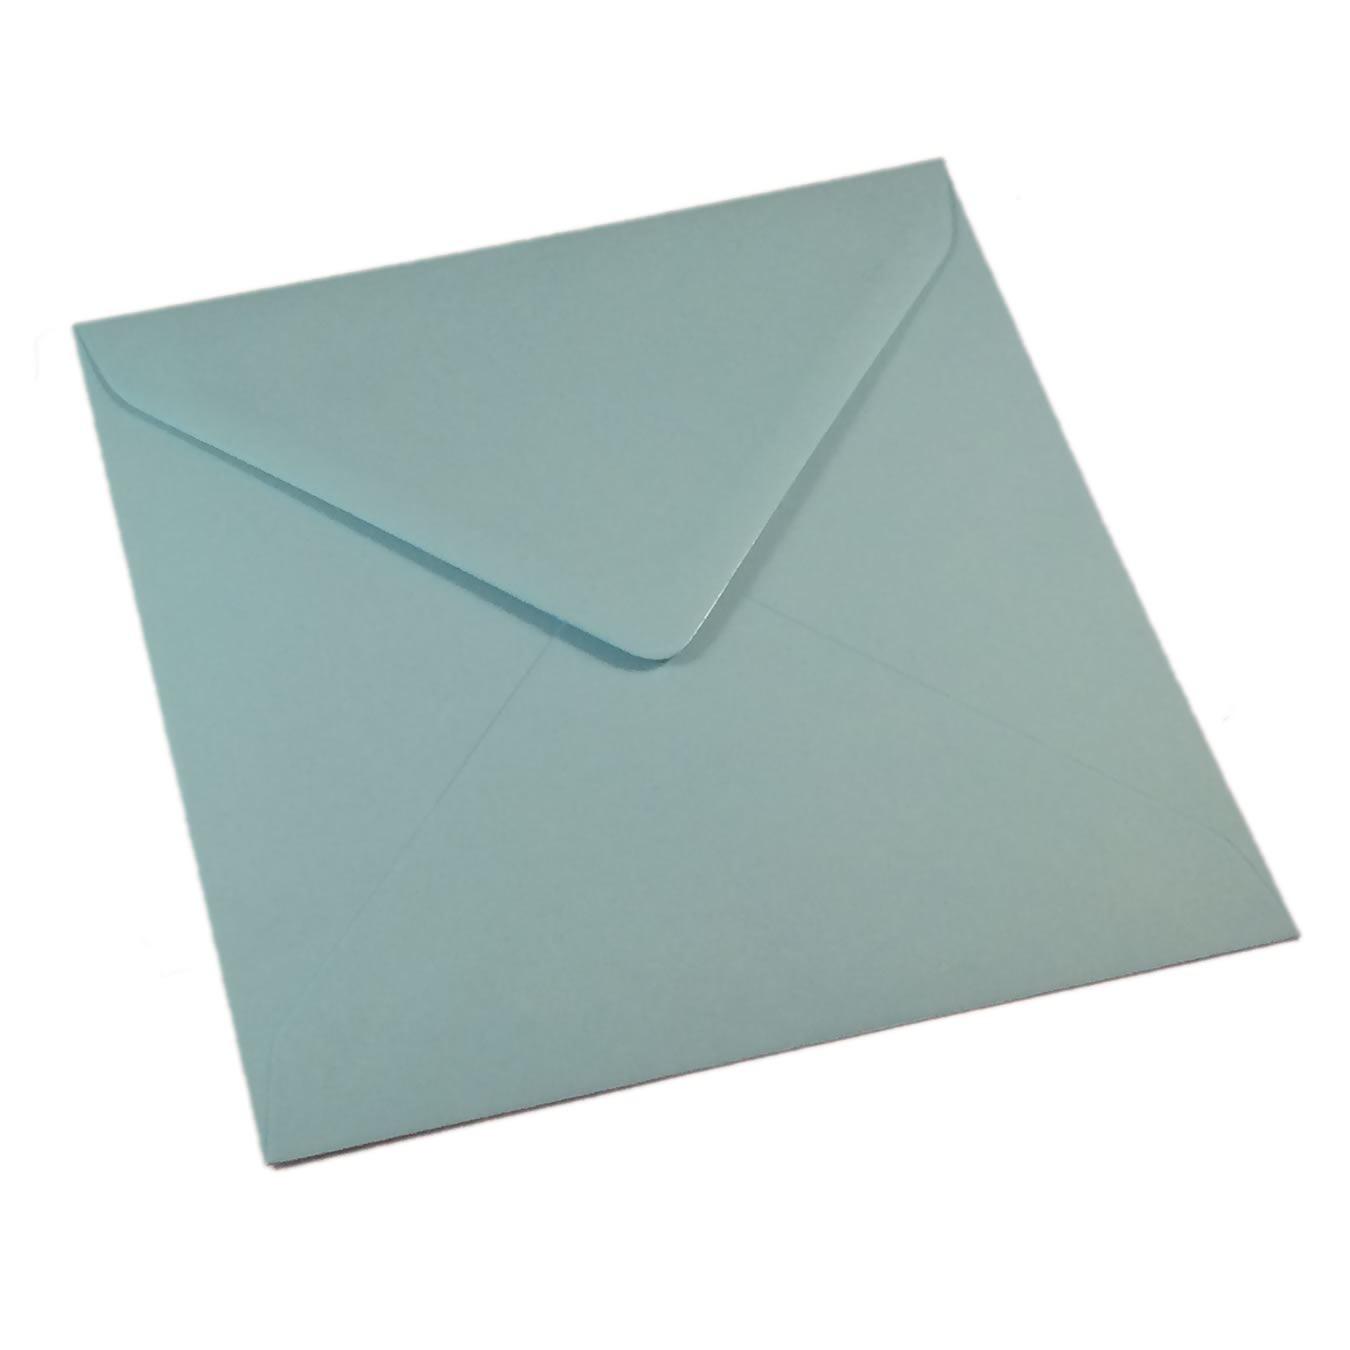 Kvadratiniai pastel blue